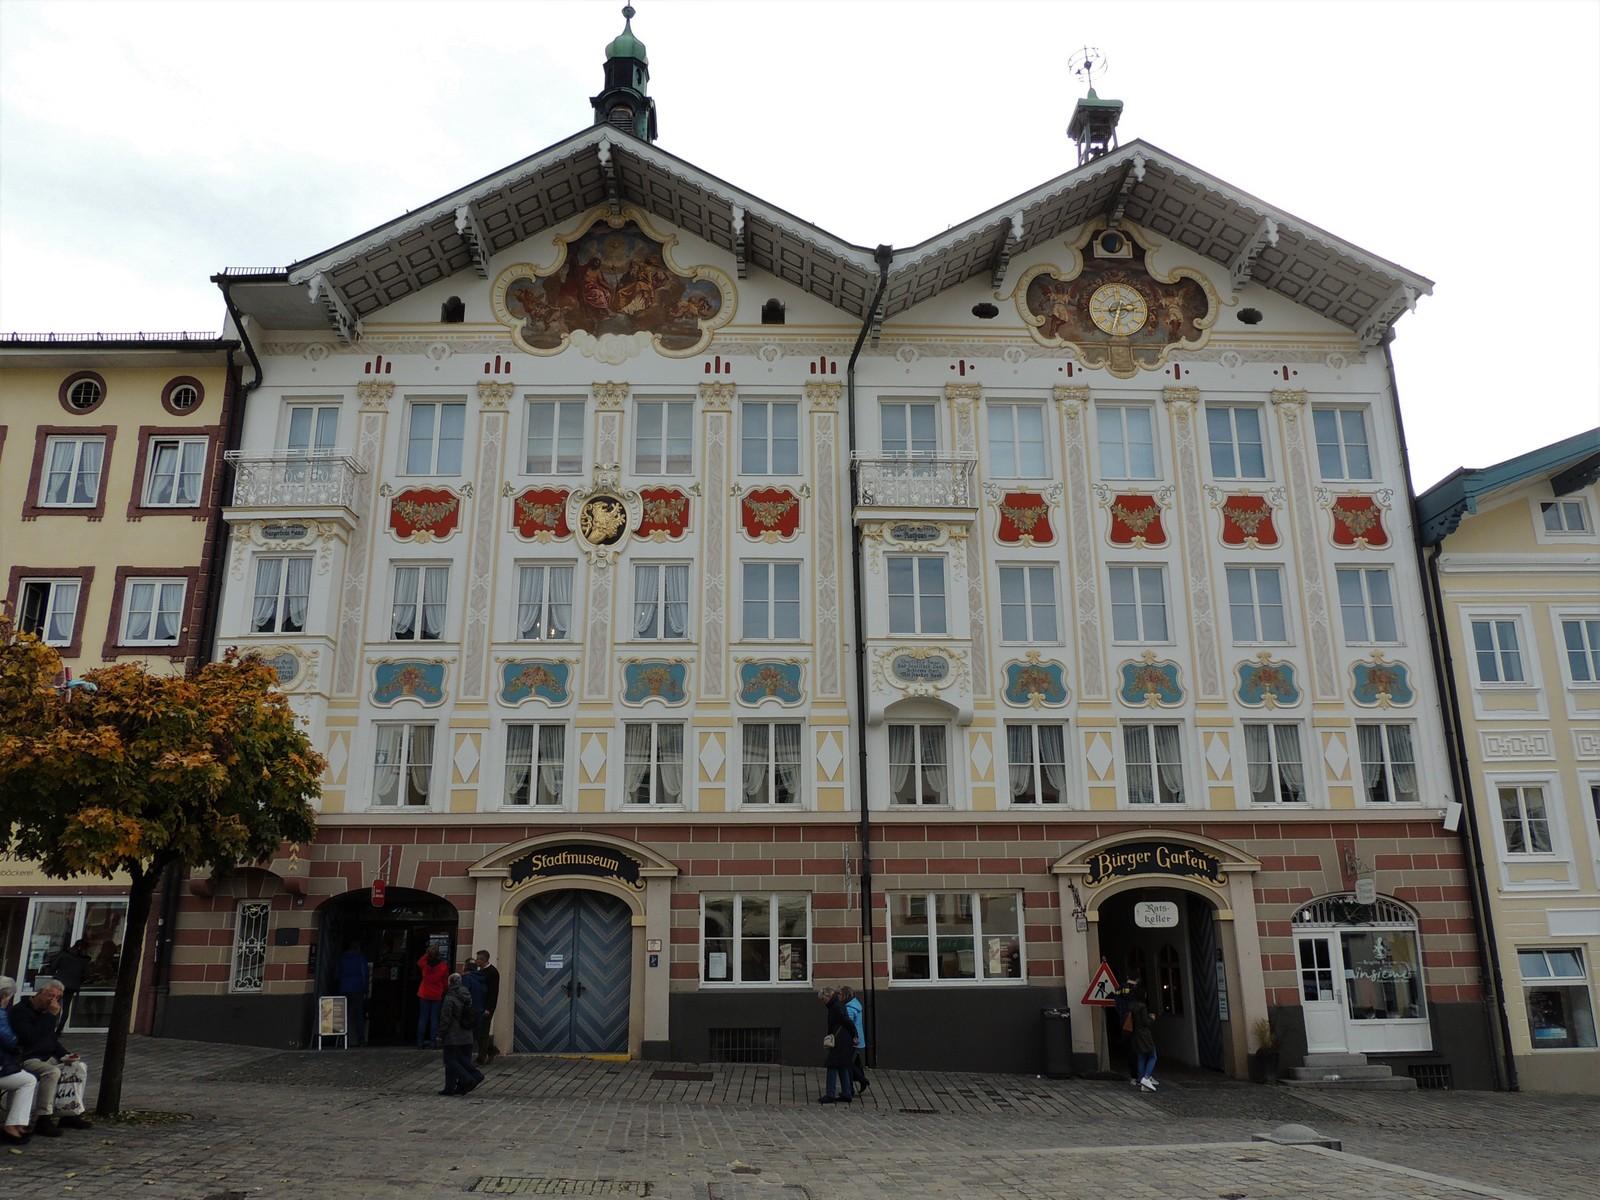 Stadtmuseum an der Marktstraße von Bad Tölz